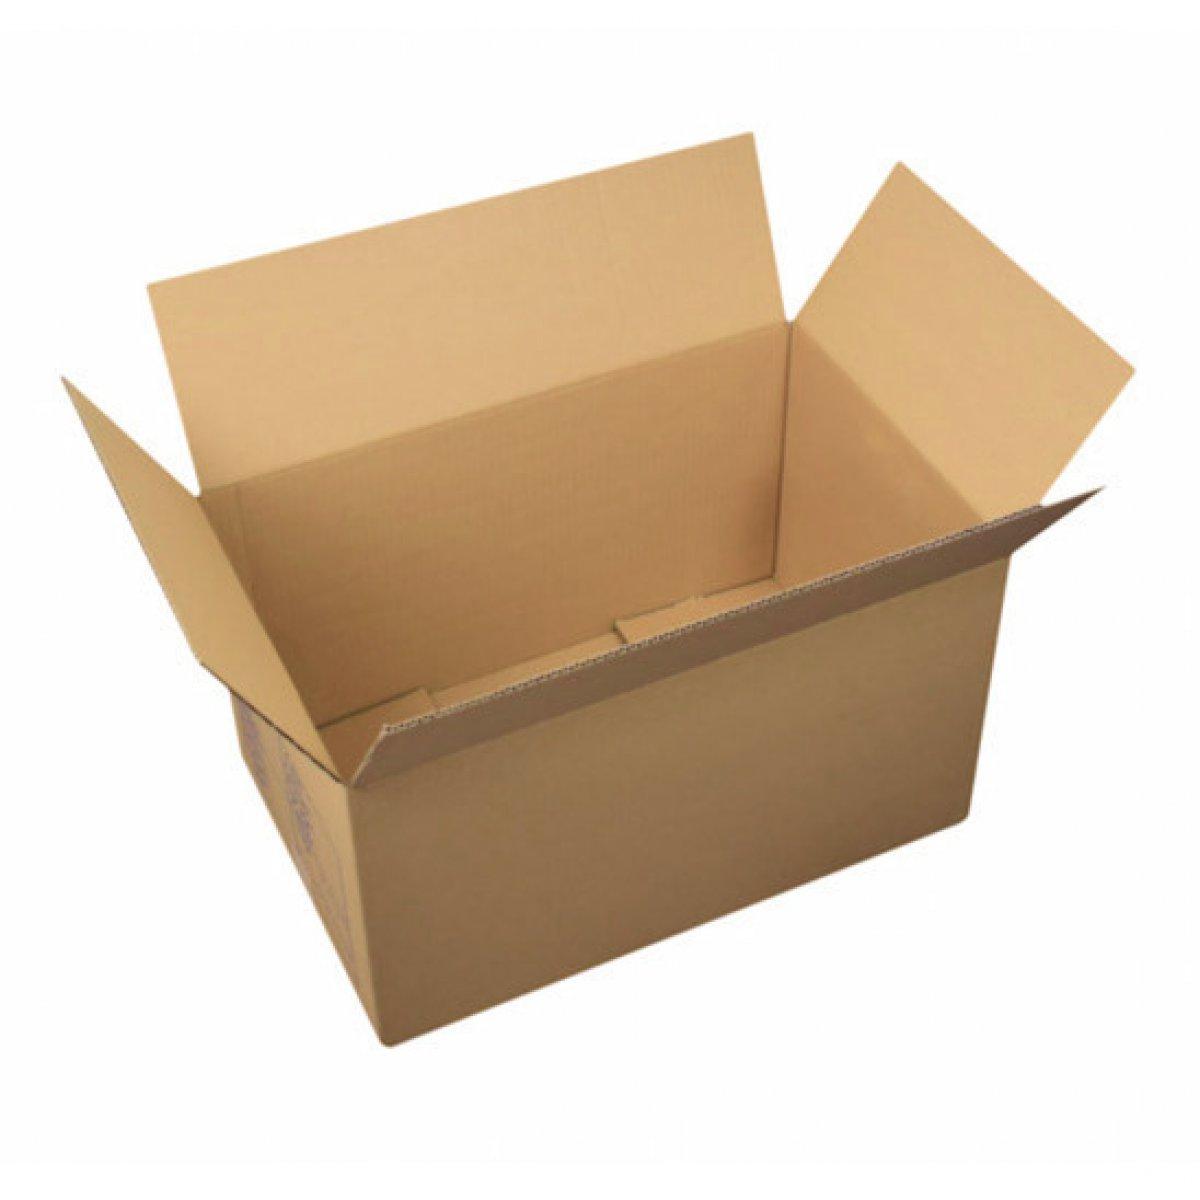 Déménageur : Quel est l'avantage d'un déménageur ?